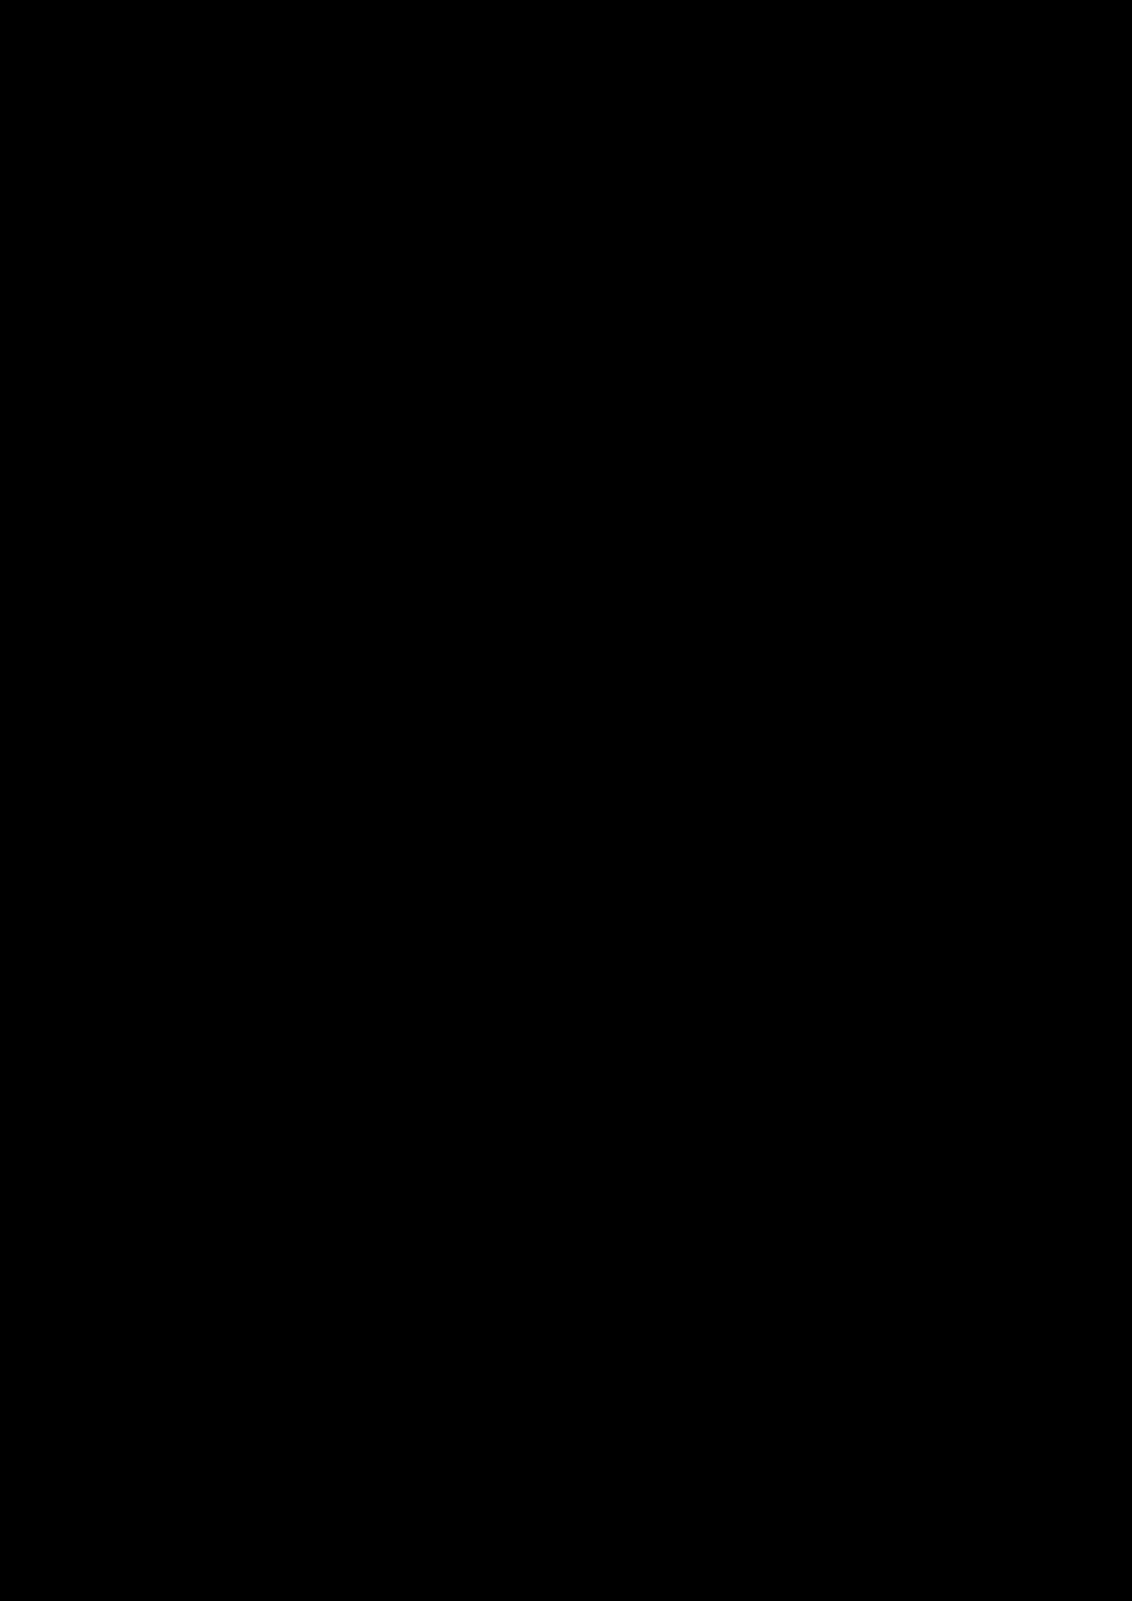 Zagadka volshebnoy stranyi slide, Image 109